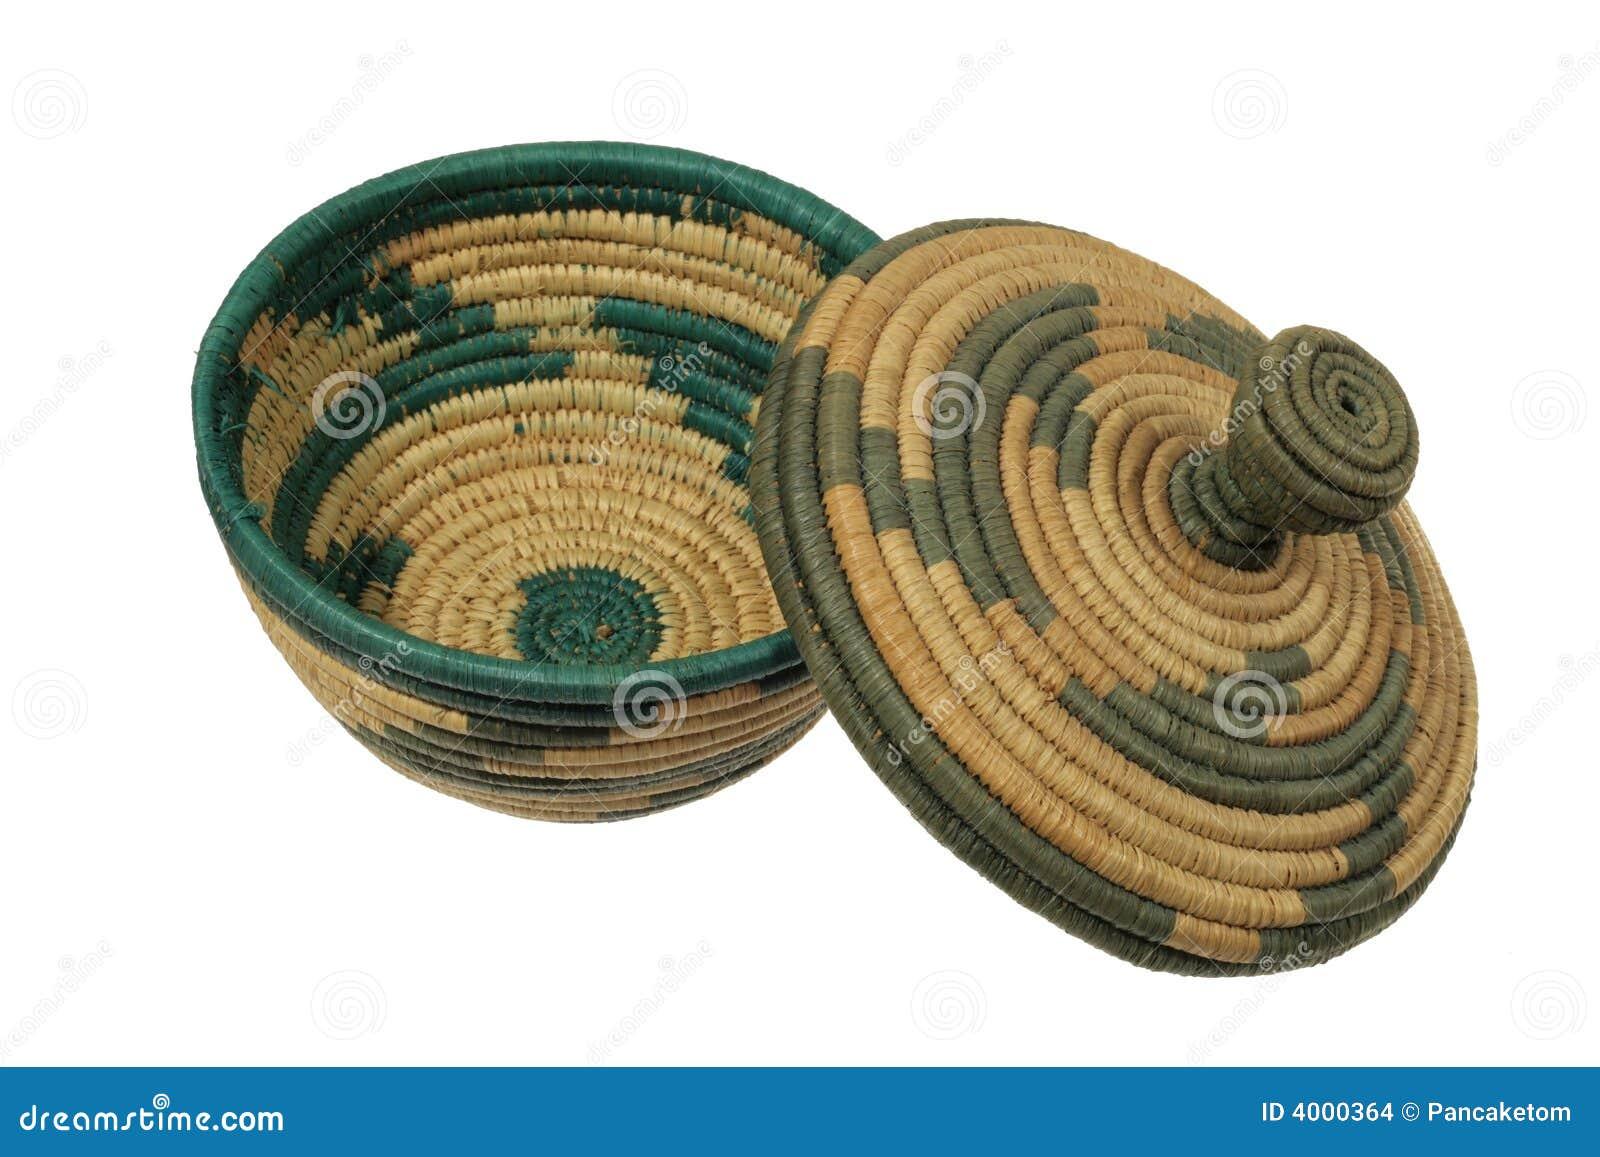 african basket with lid stock images image 4000364. Black Bedroom Furniture Sets. Home Design Ideas